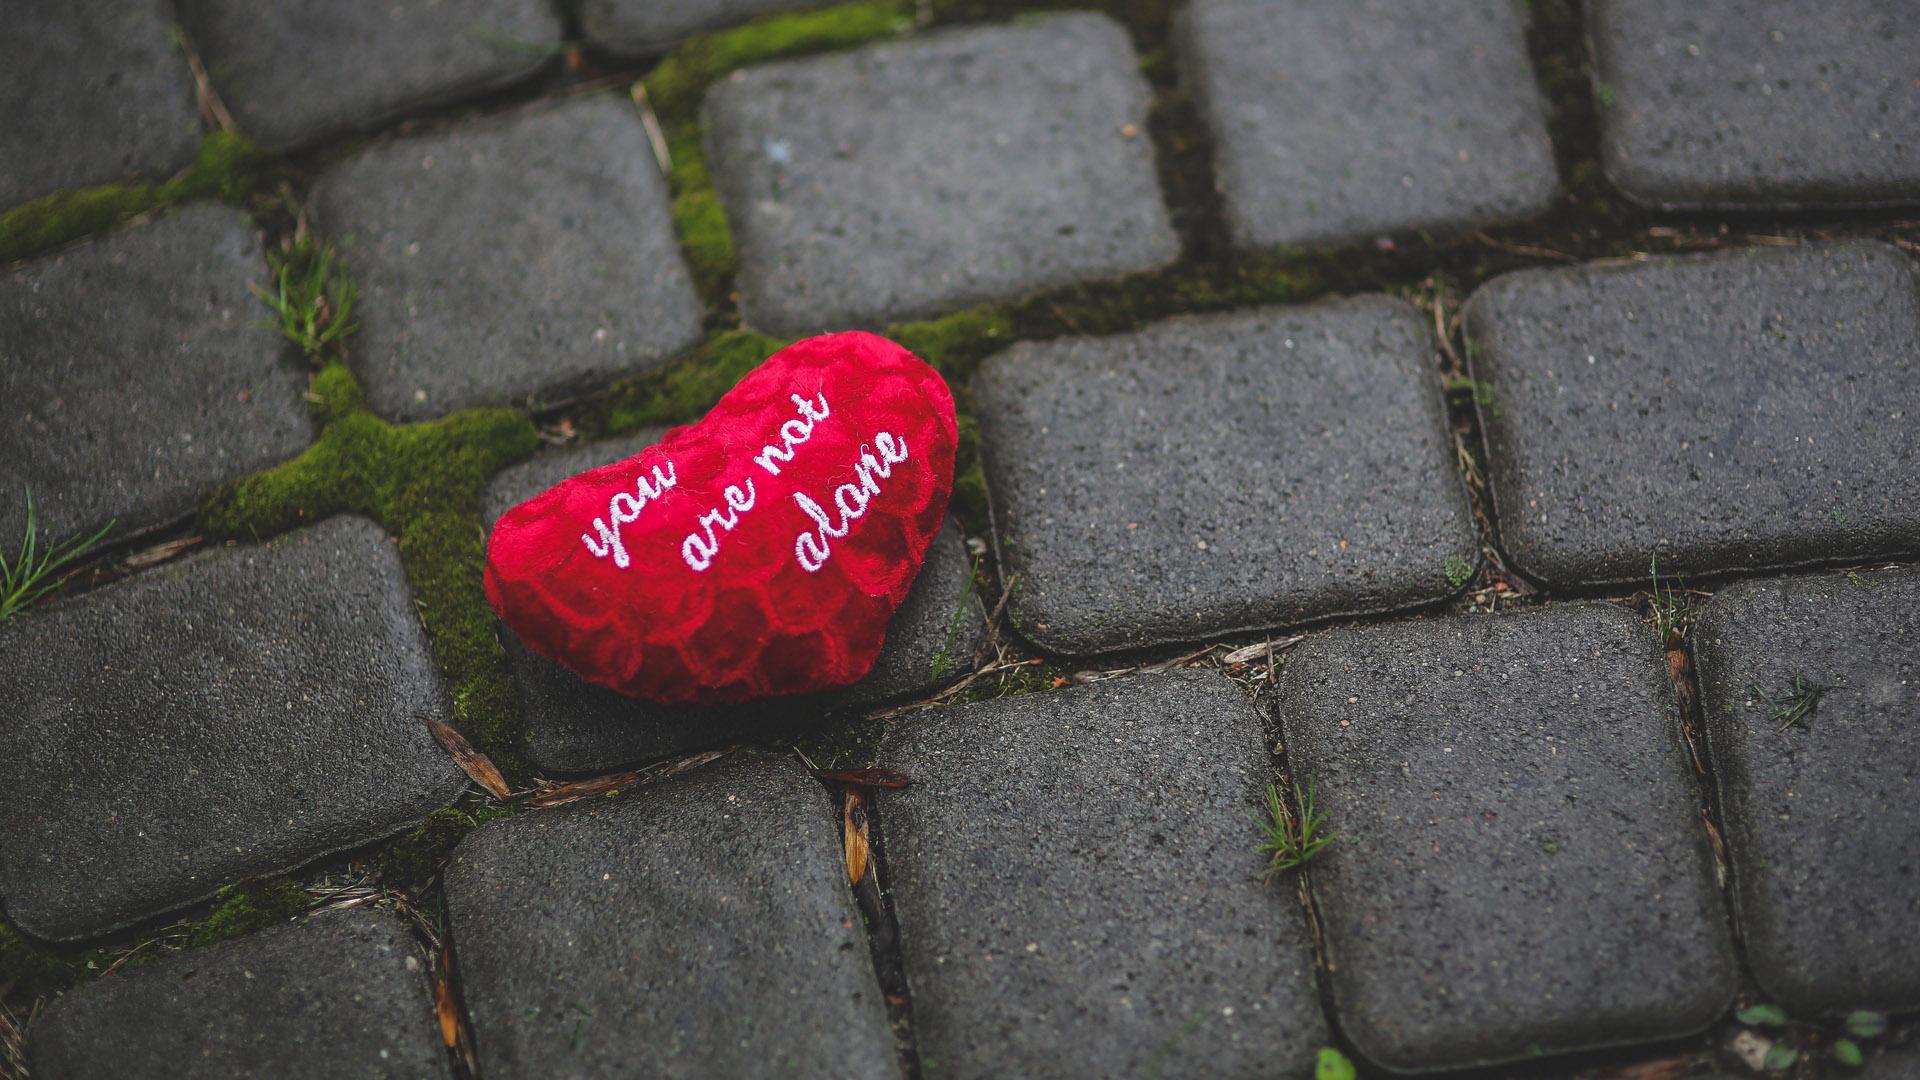 Удивительные обои, картинки про Любовь на рабочий стол - сборка №3 12